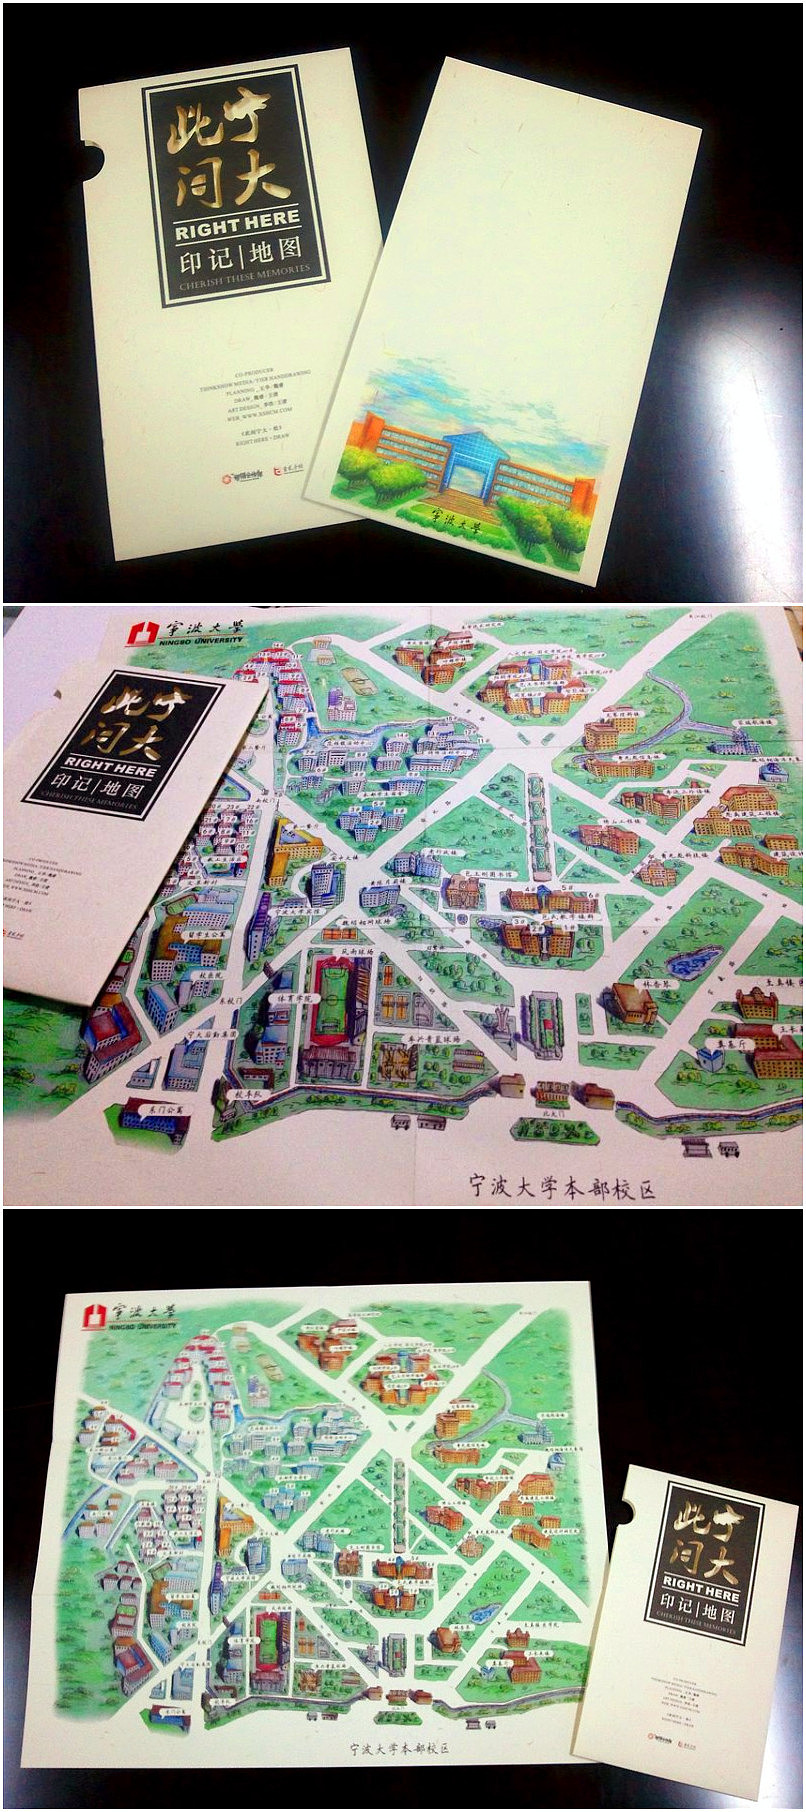 宁波老外滩,宁波日湖公园,宁波大学手绘地图